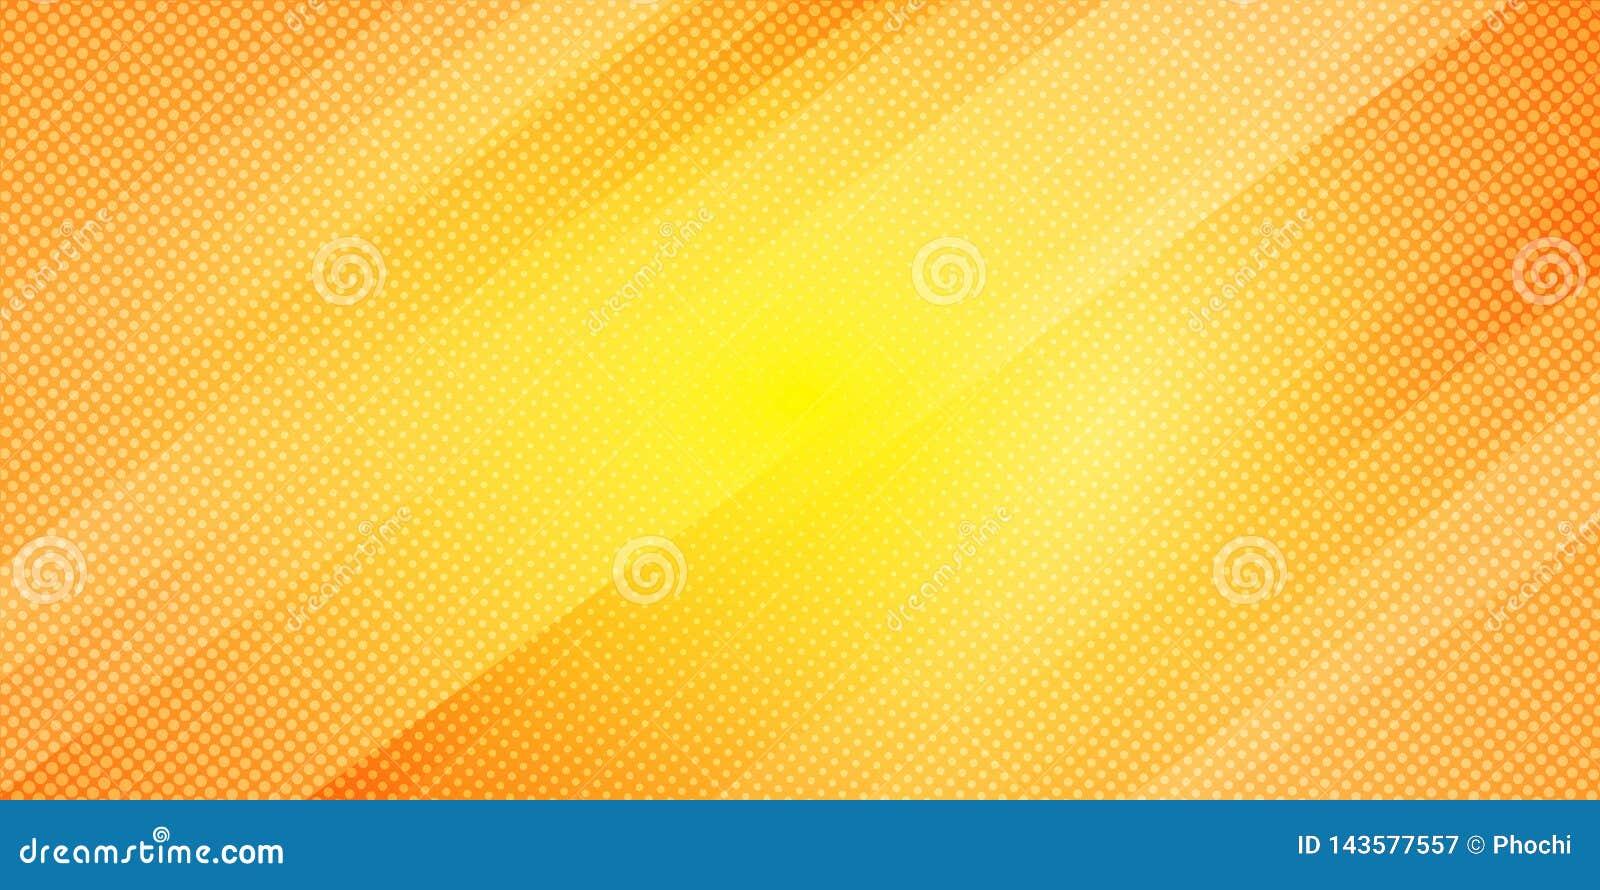 Lignes obliques abstraites fond de couleur jaune et orange de gradient de rayures et style tramé de texture de points Minimal géo